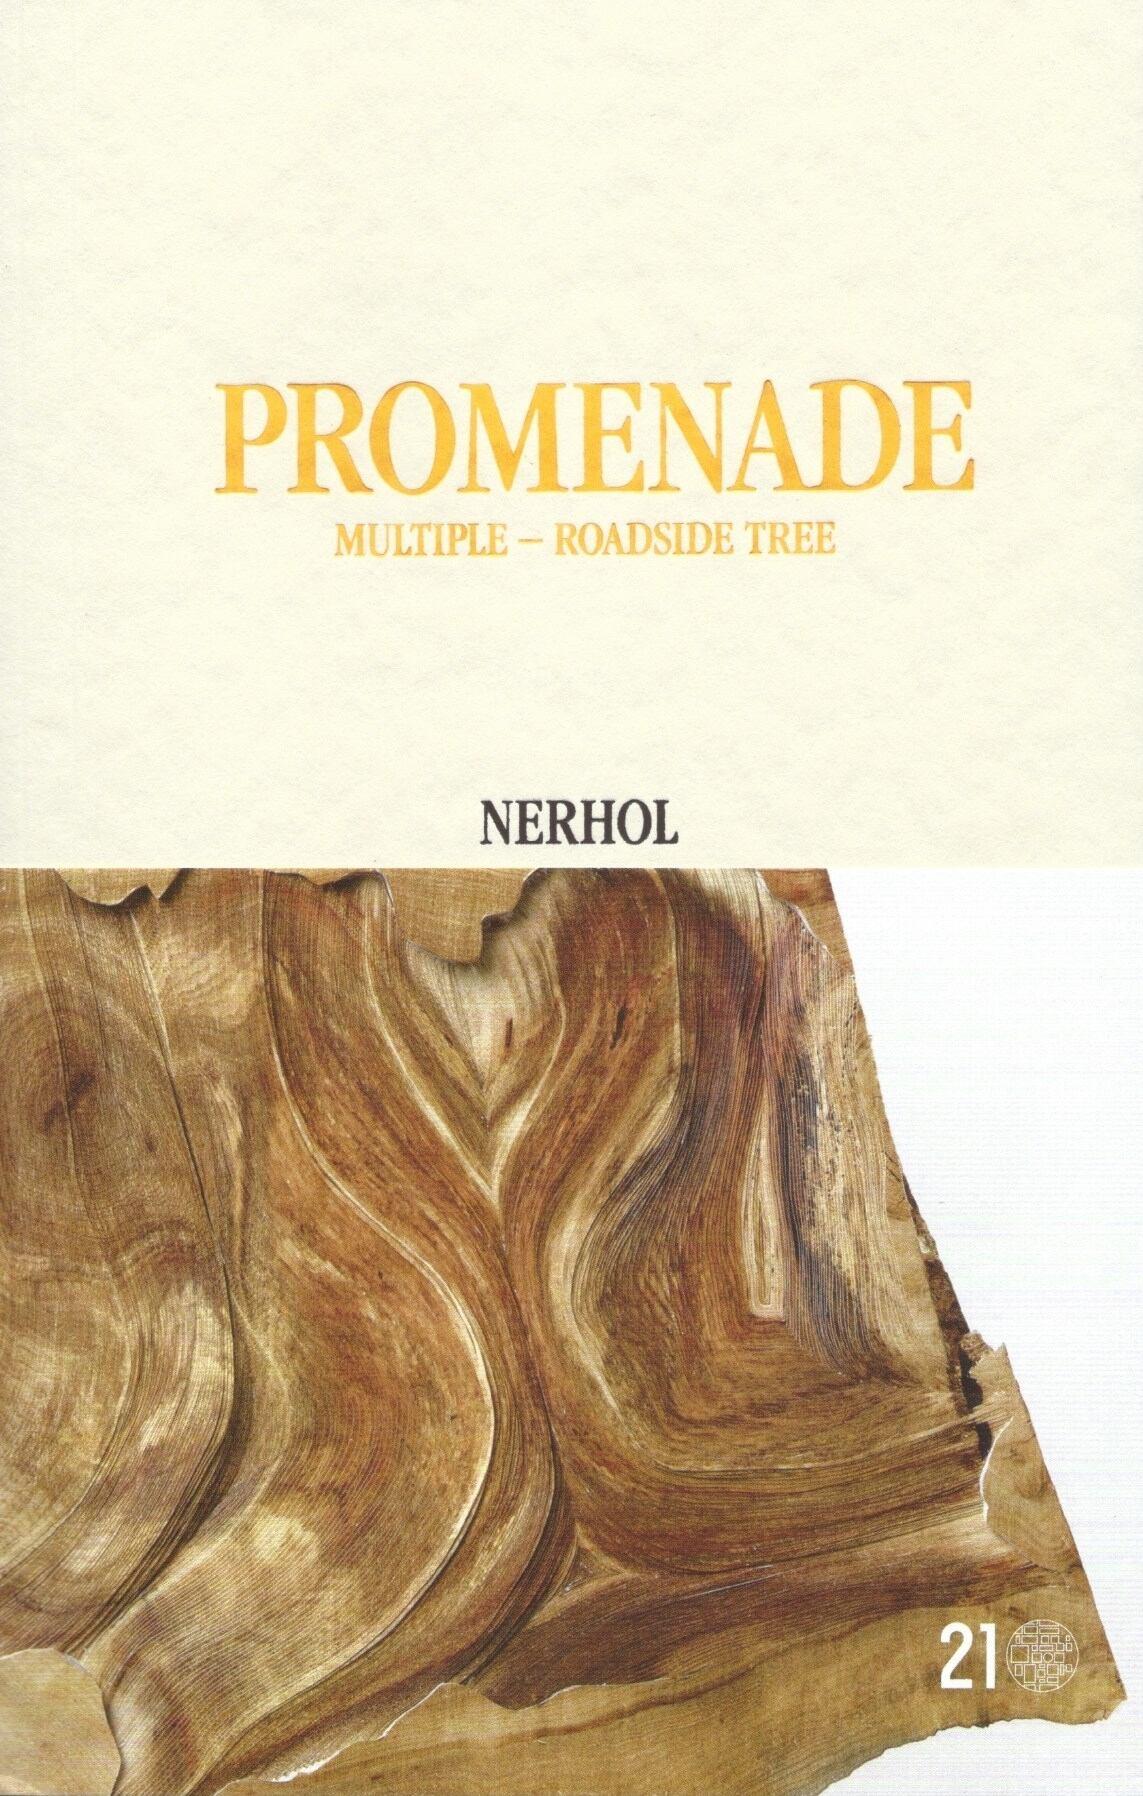 PROMENADE / Multiple - Roadside Tree